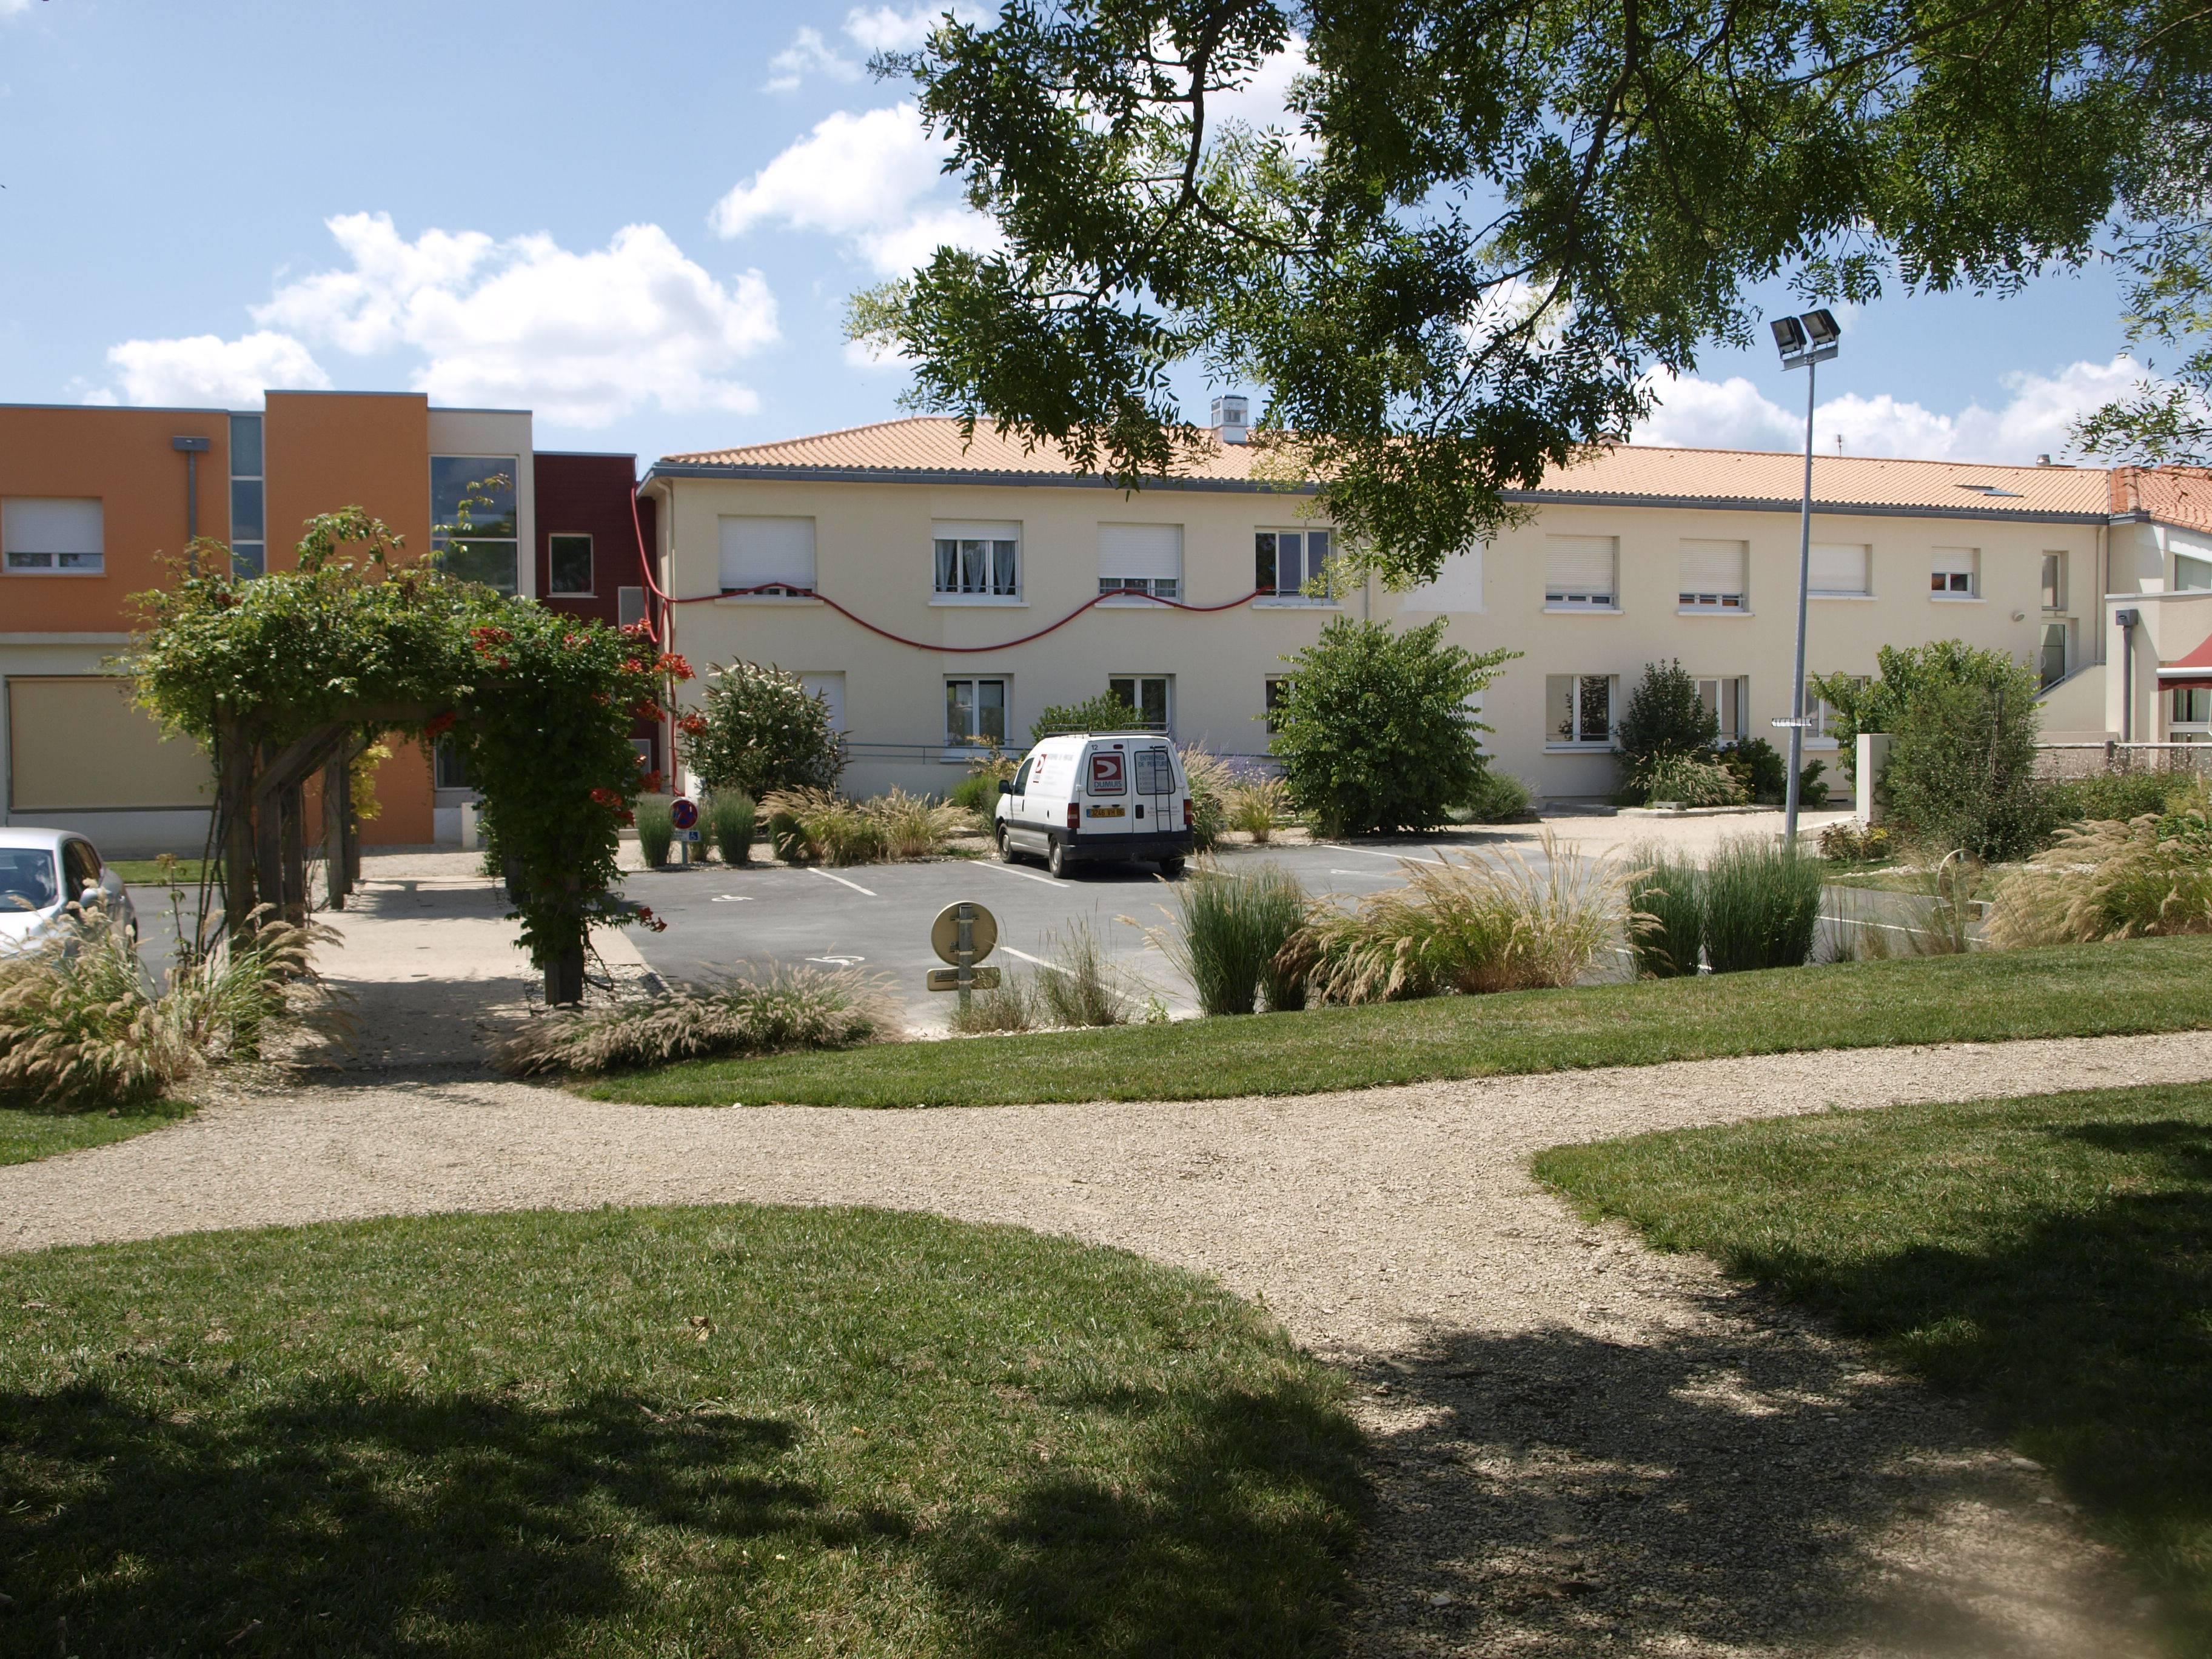 Association residence de vallois mauze sur le mignon for Association maison